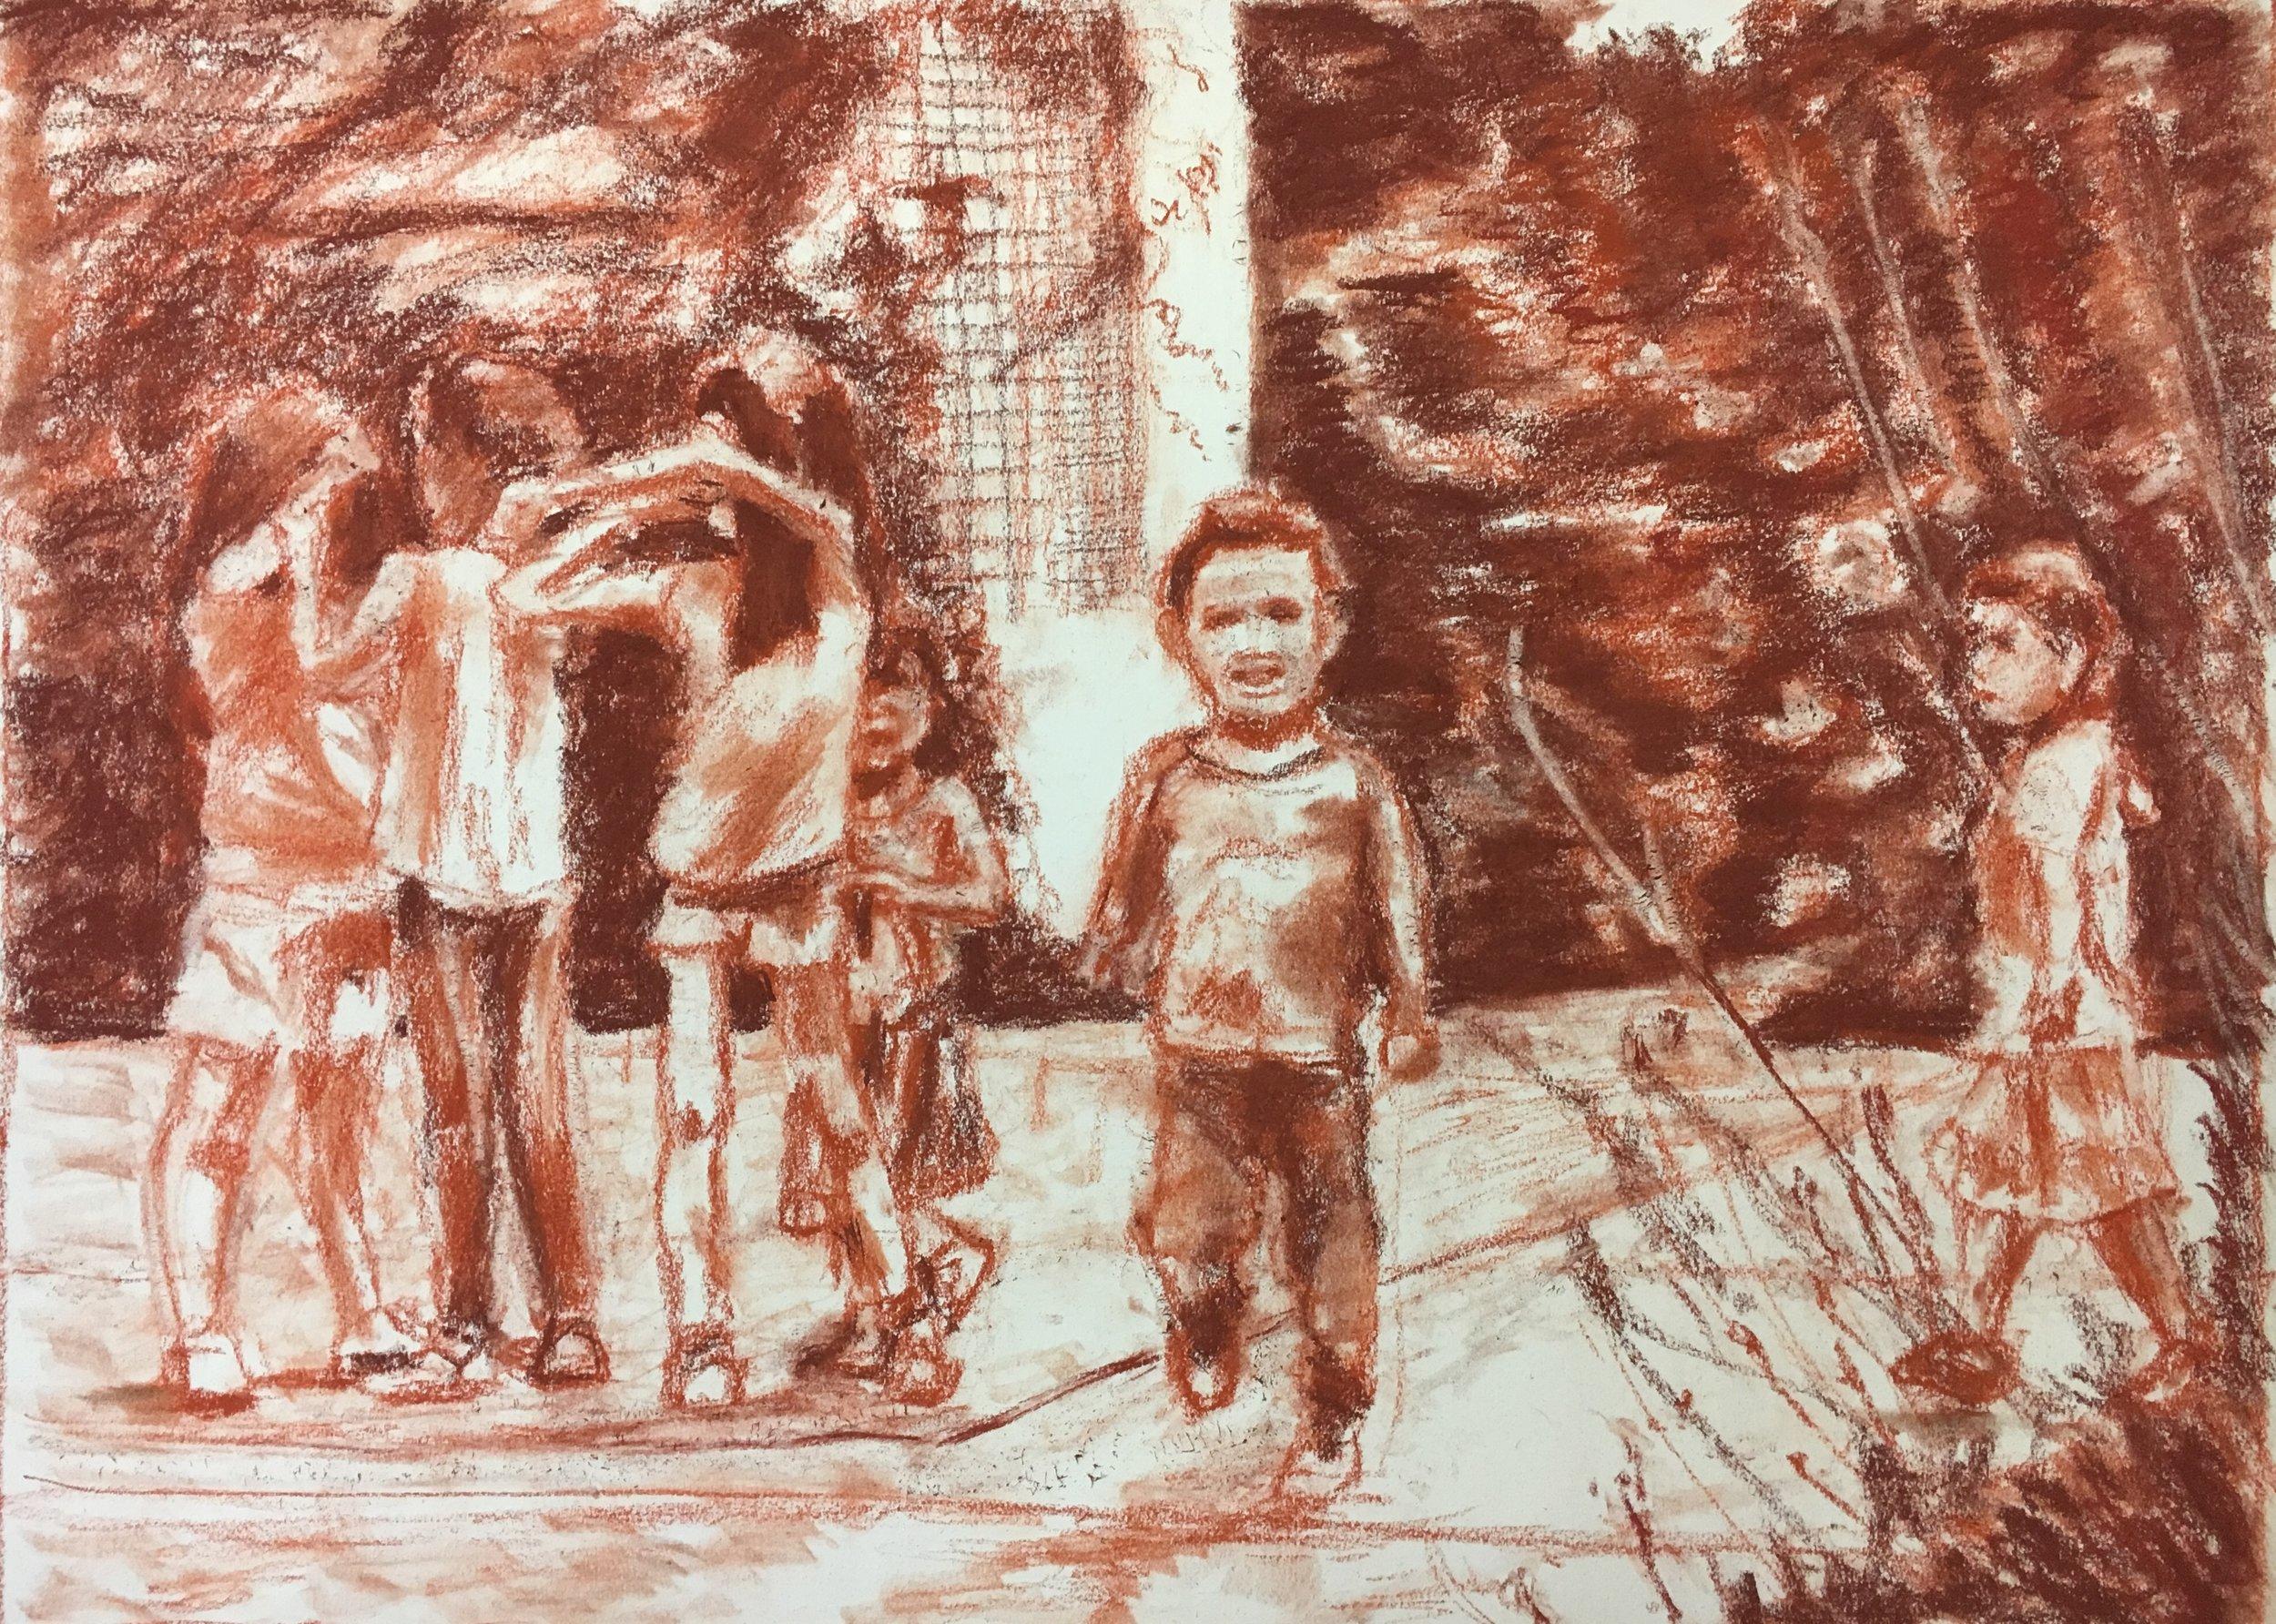 Children in Jardin Anne-Frank